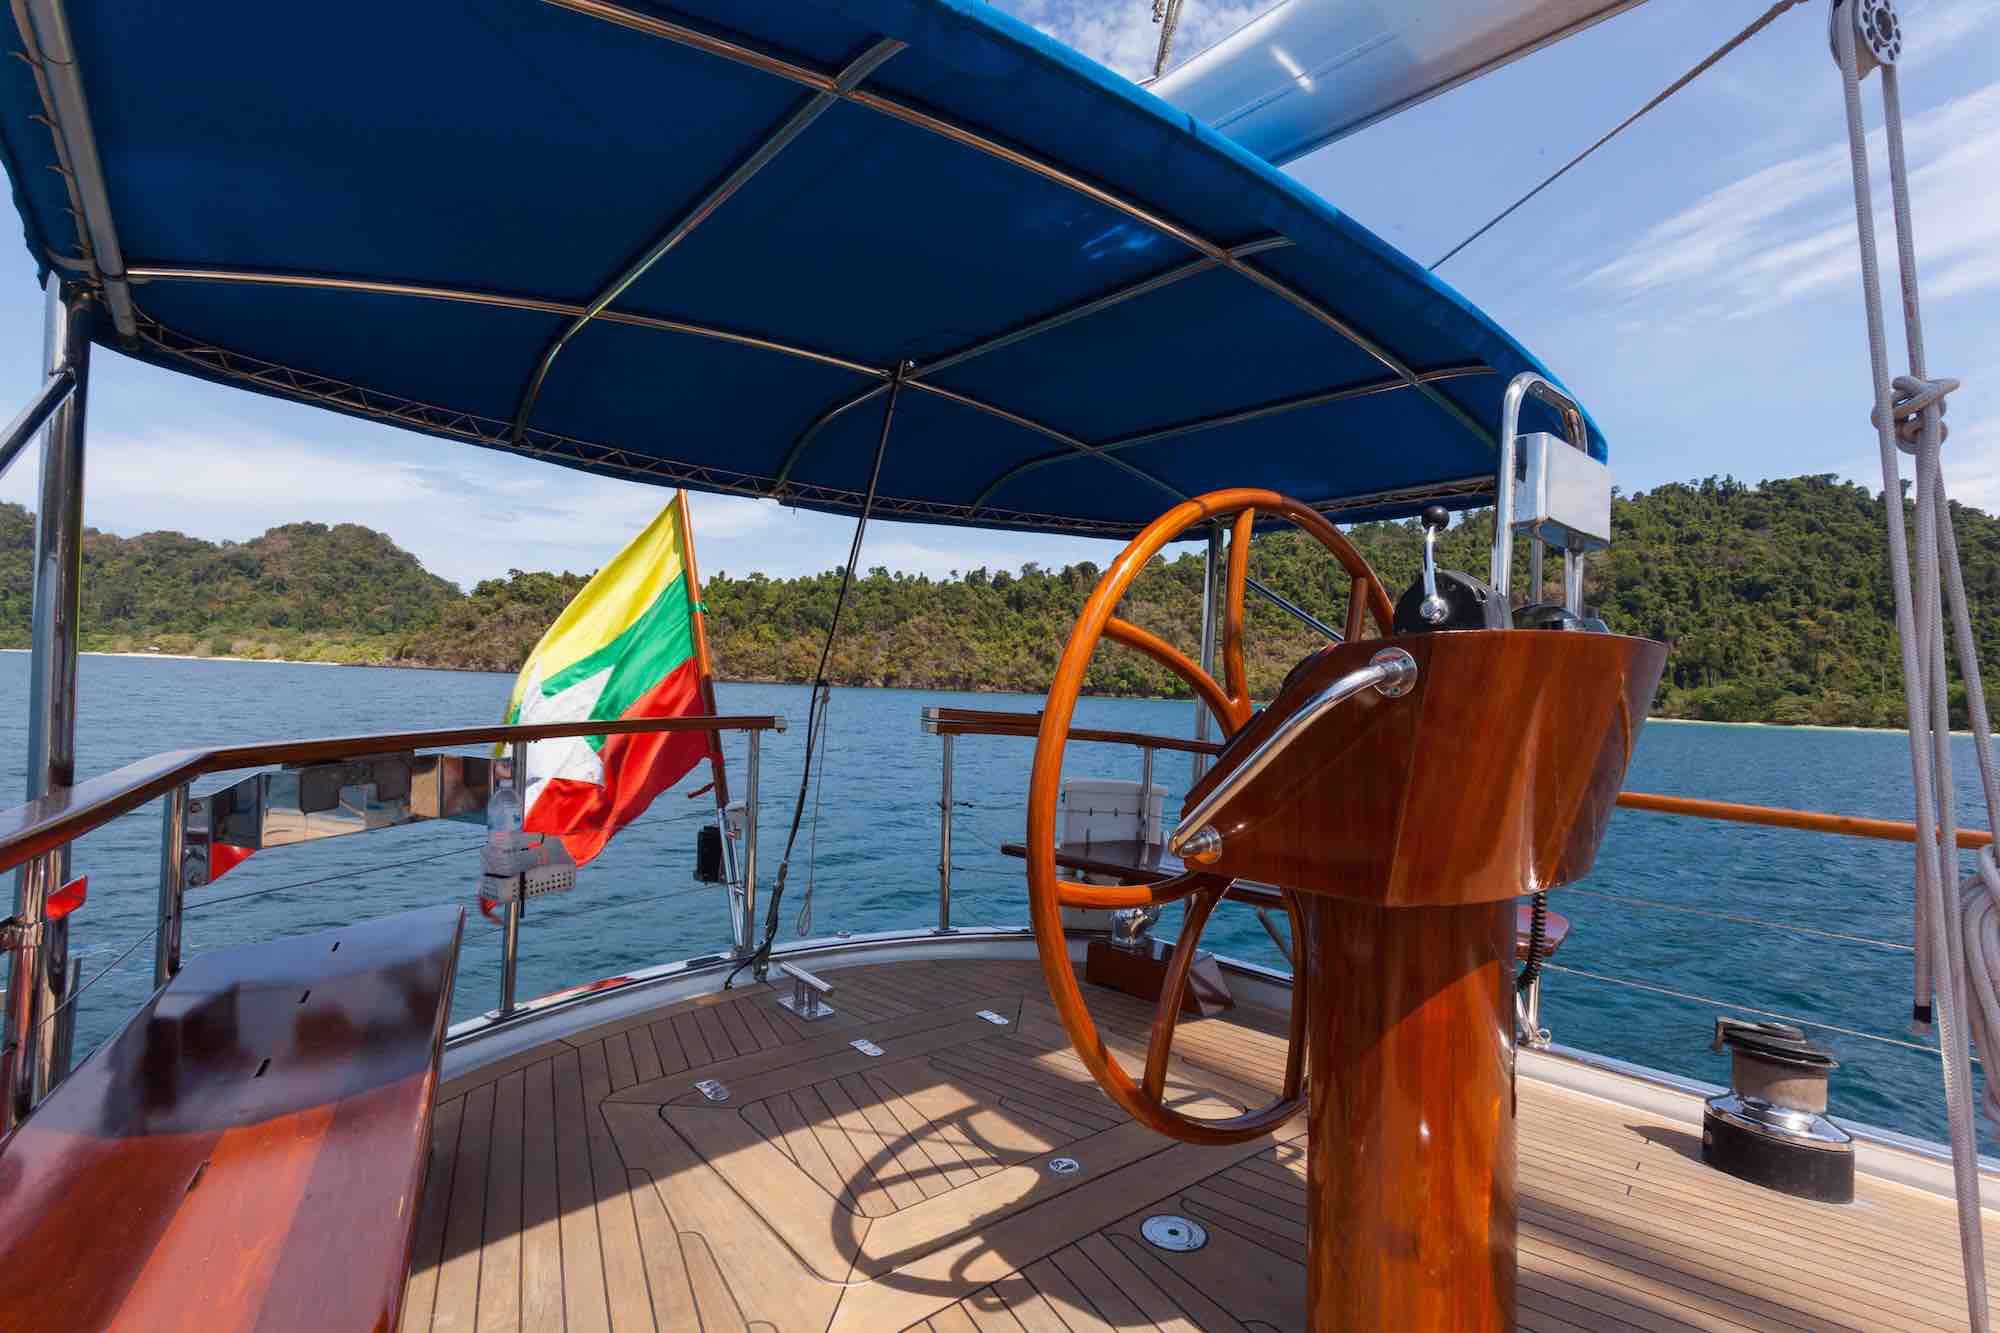 Jubilaeum_steering wheel on deck cruising in Mergui Islands_XS.jpeg